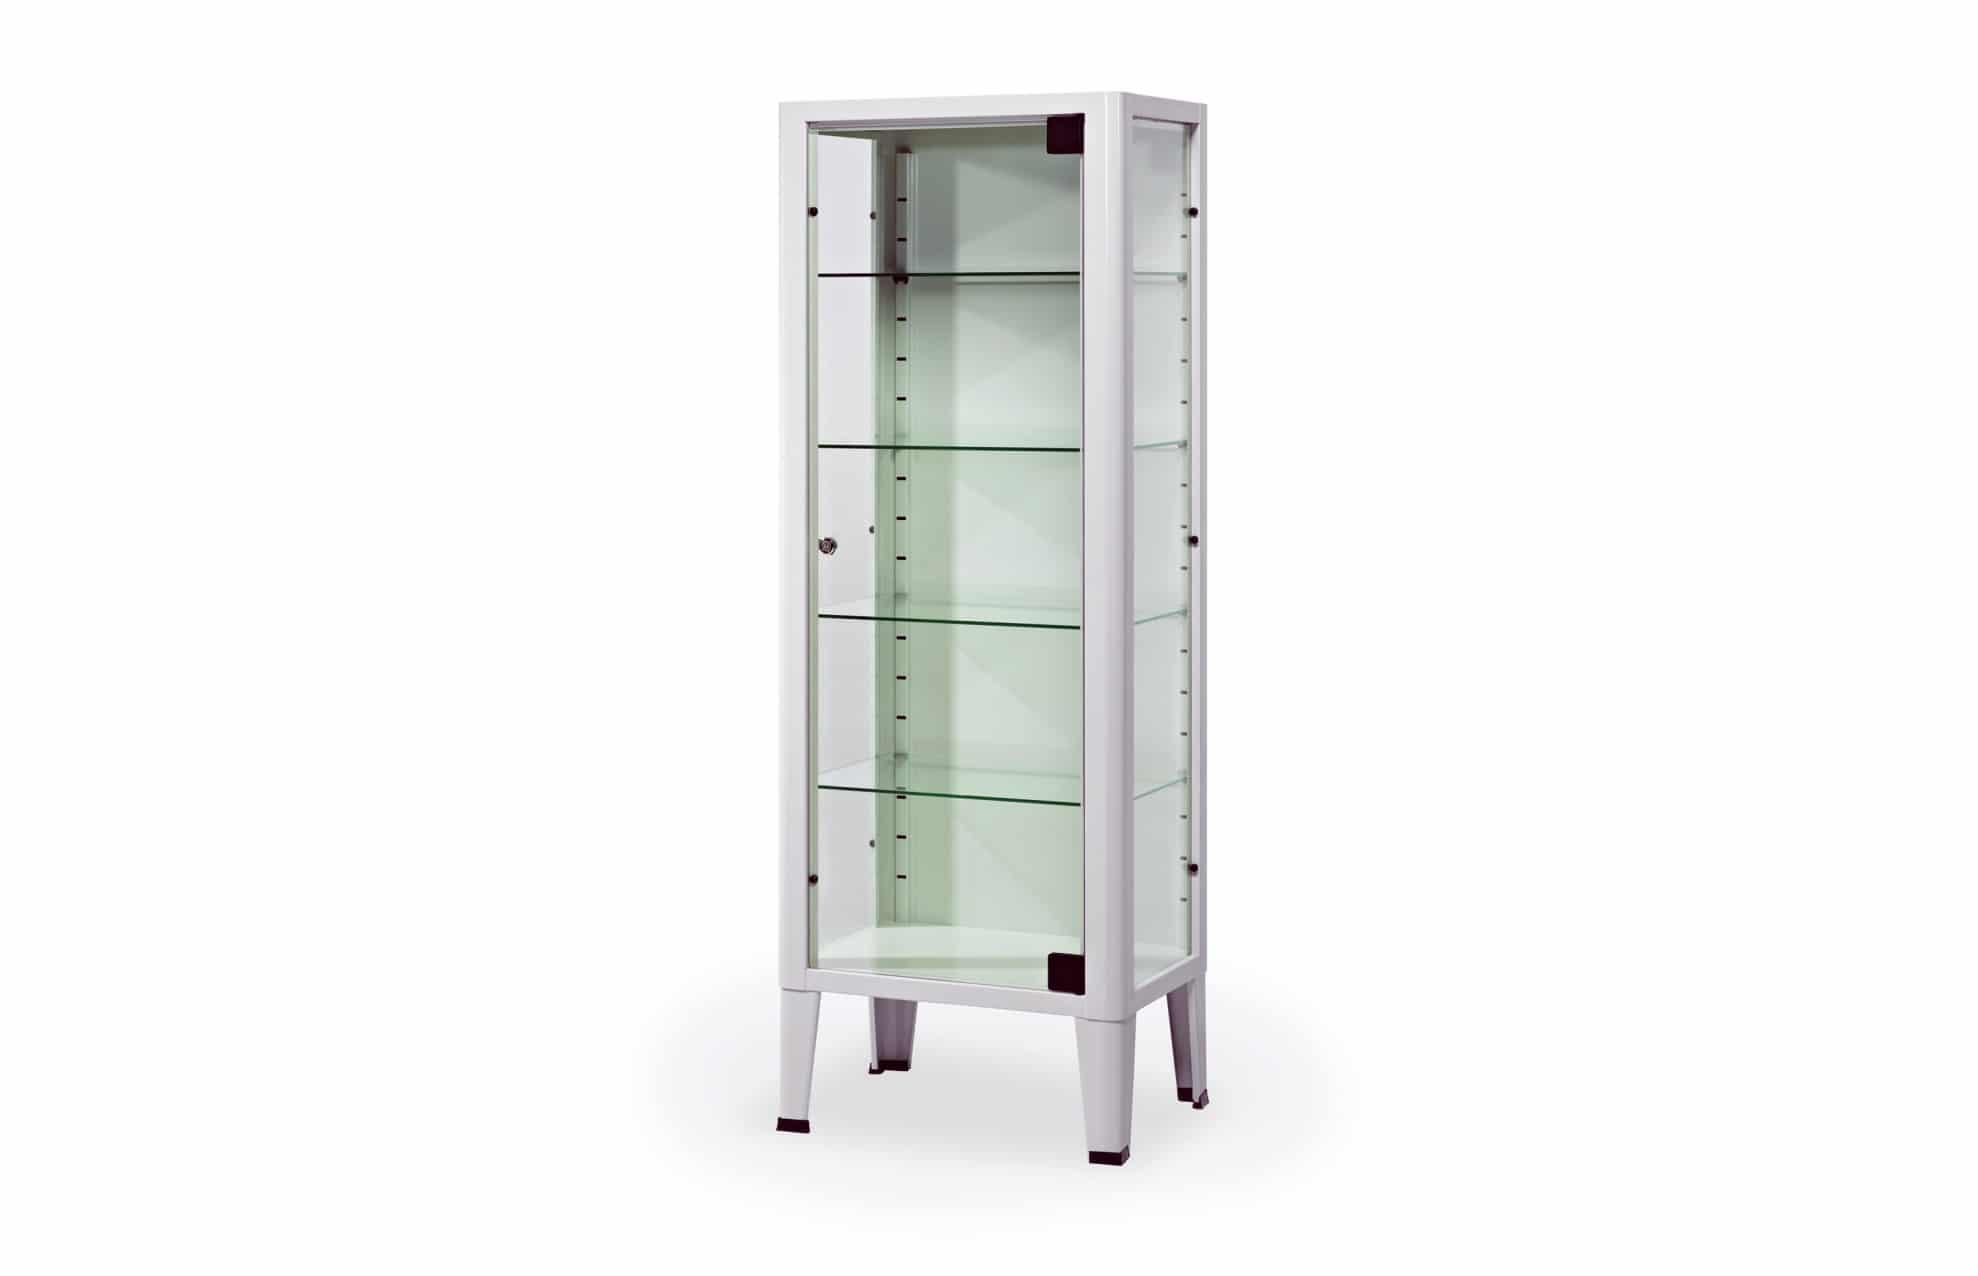 Armário com porta em vidro visto de perfil